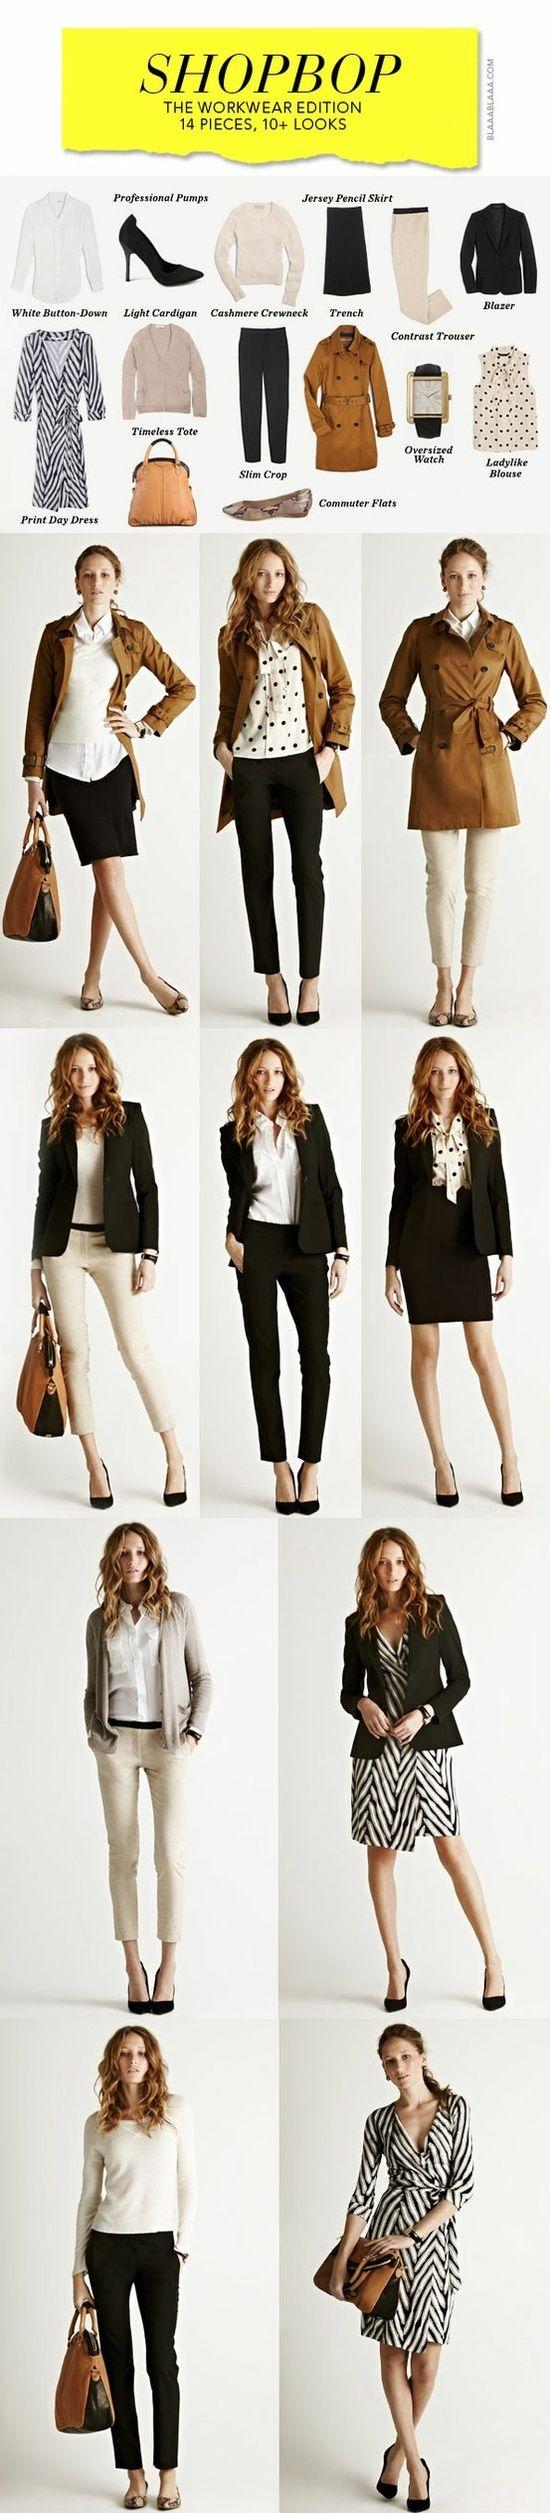 Certains ensembles sont très jolis, surtout le style masculin féminin, toujours très élégant !